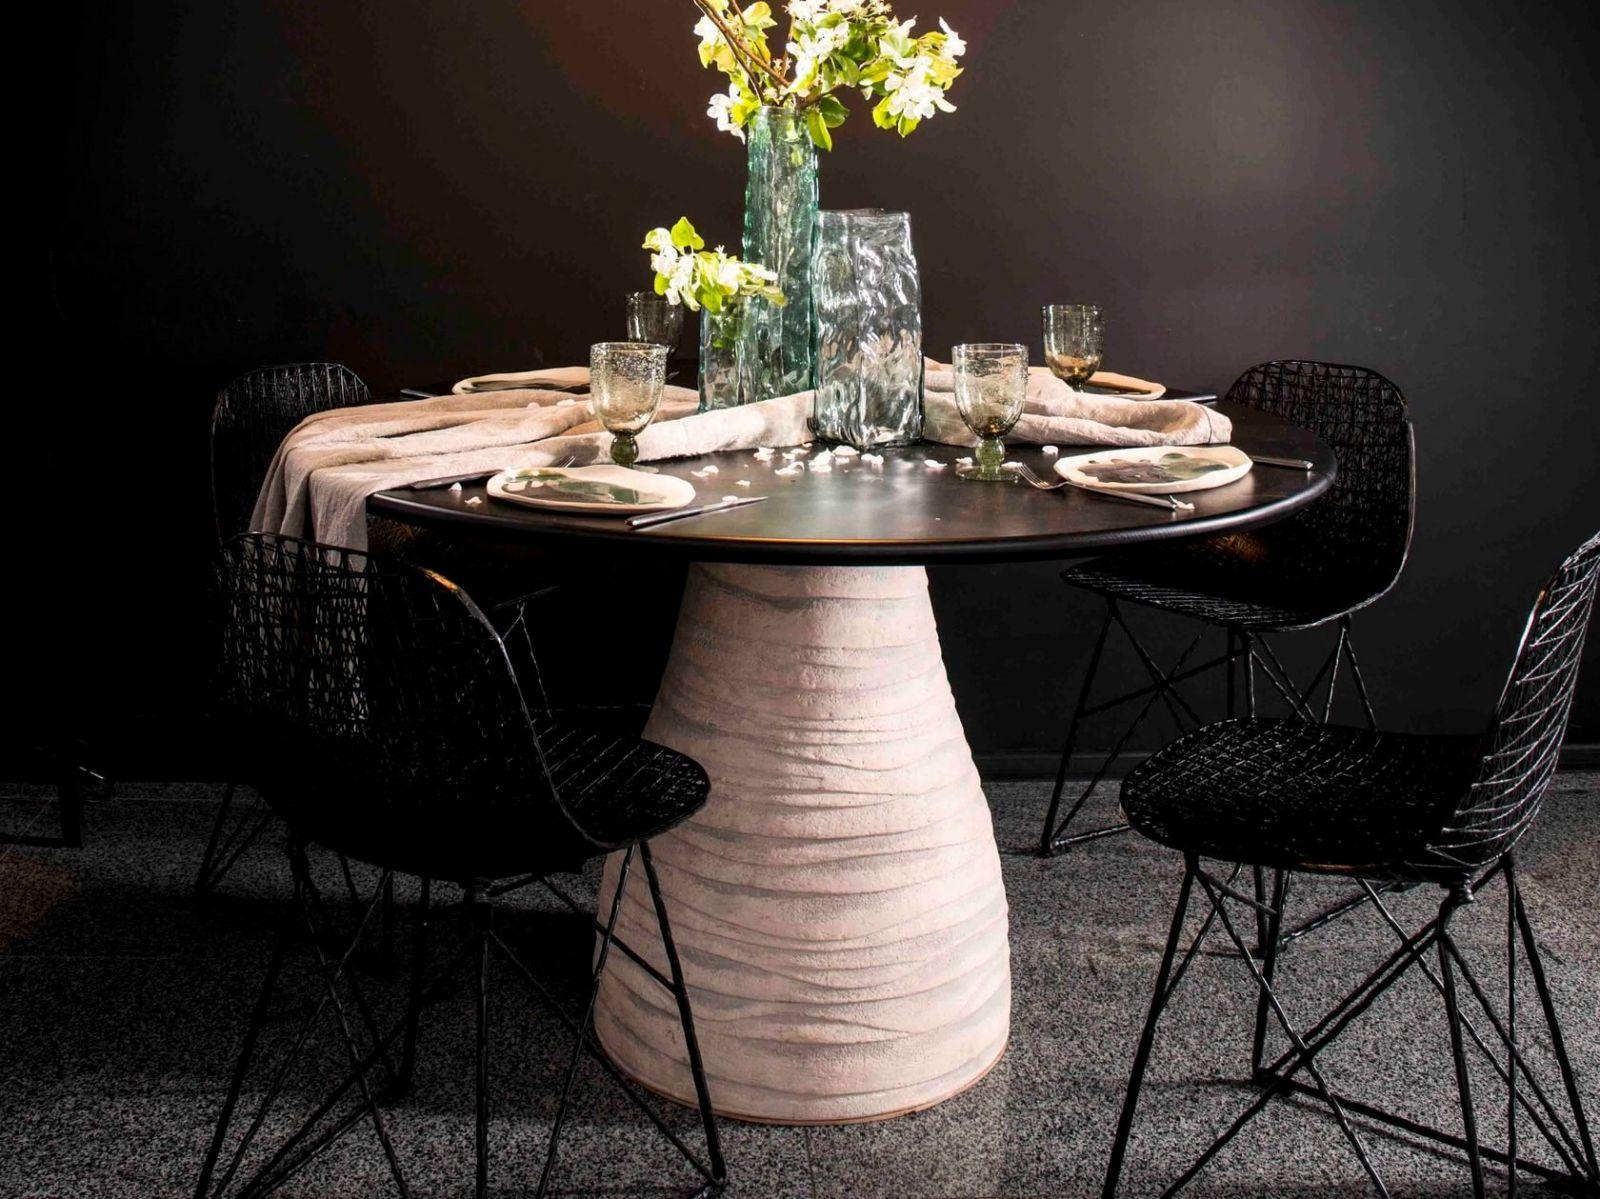 Стол Schedryy из коллекции FAINA выполнен из массива дерева, керамики и металла. Благодаря природным материалам и комбинированию фактур придаст интерьеру ощущение тепла и домашнего уюта.